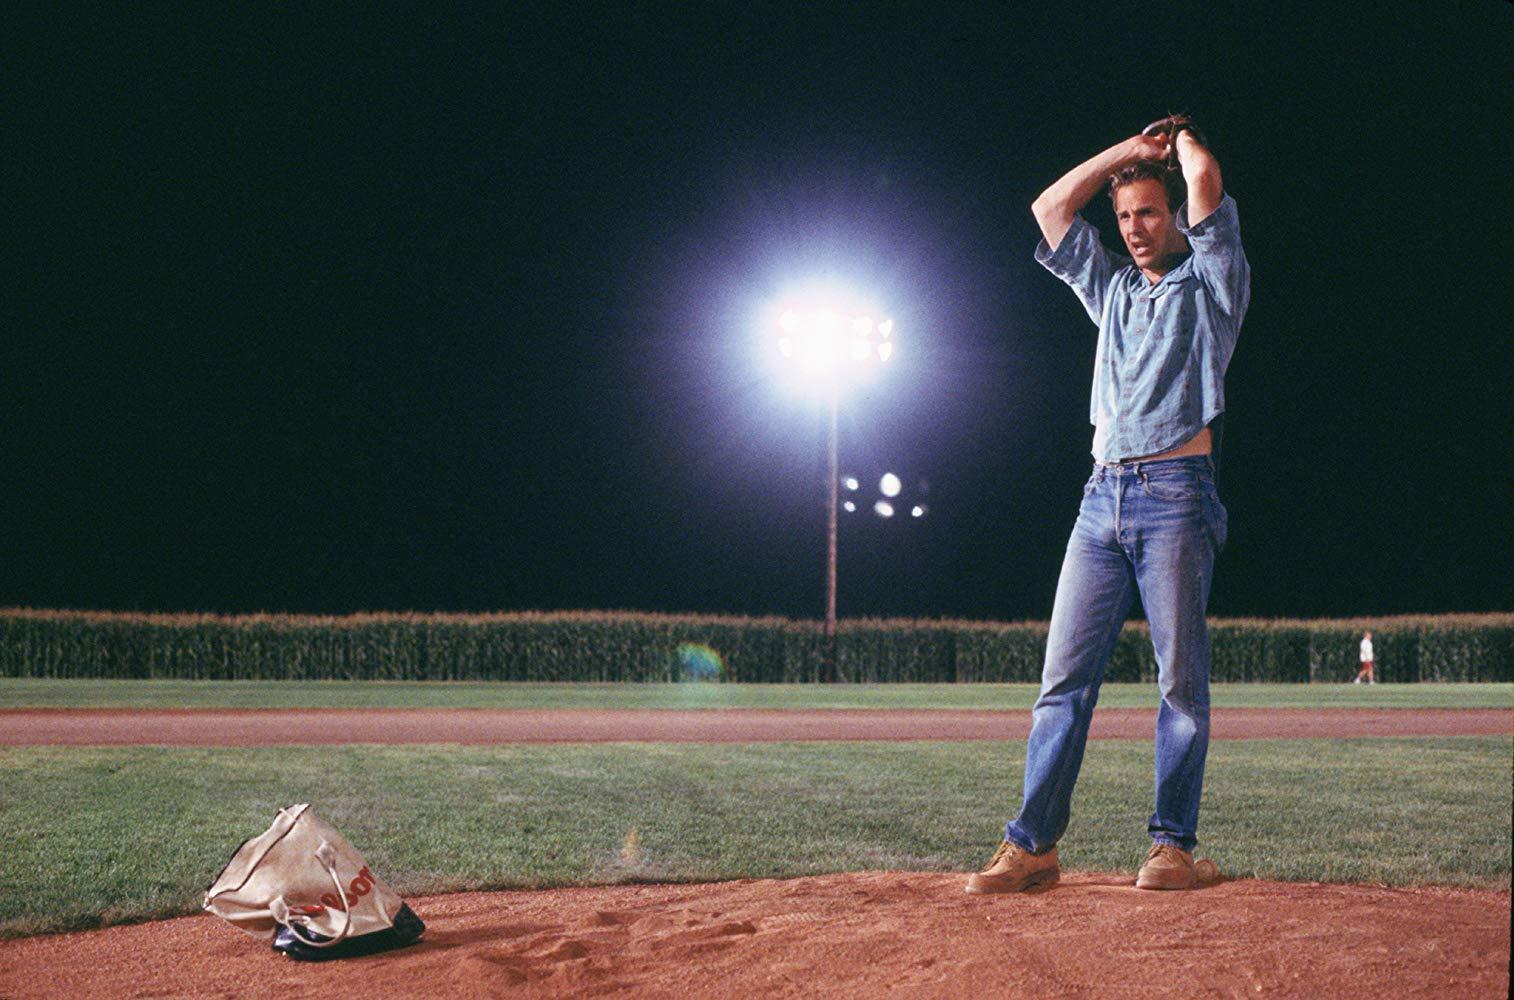 野球ファンからそうでない方にまで